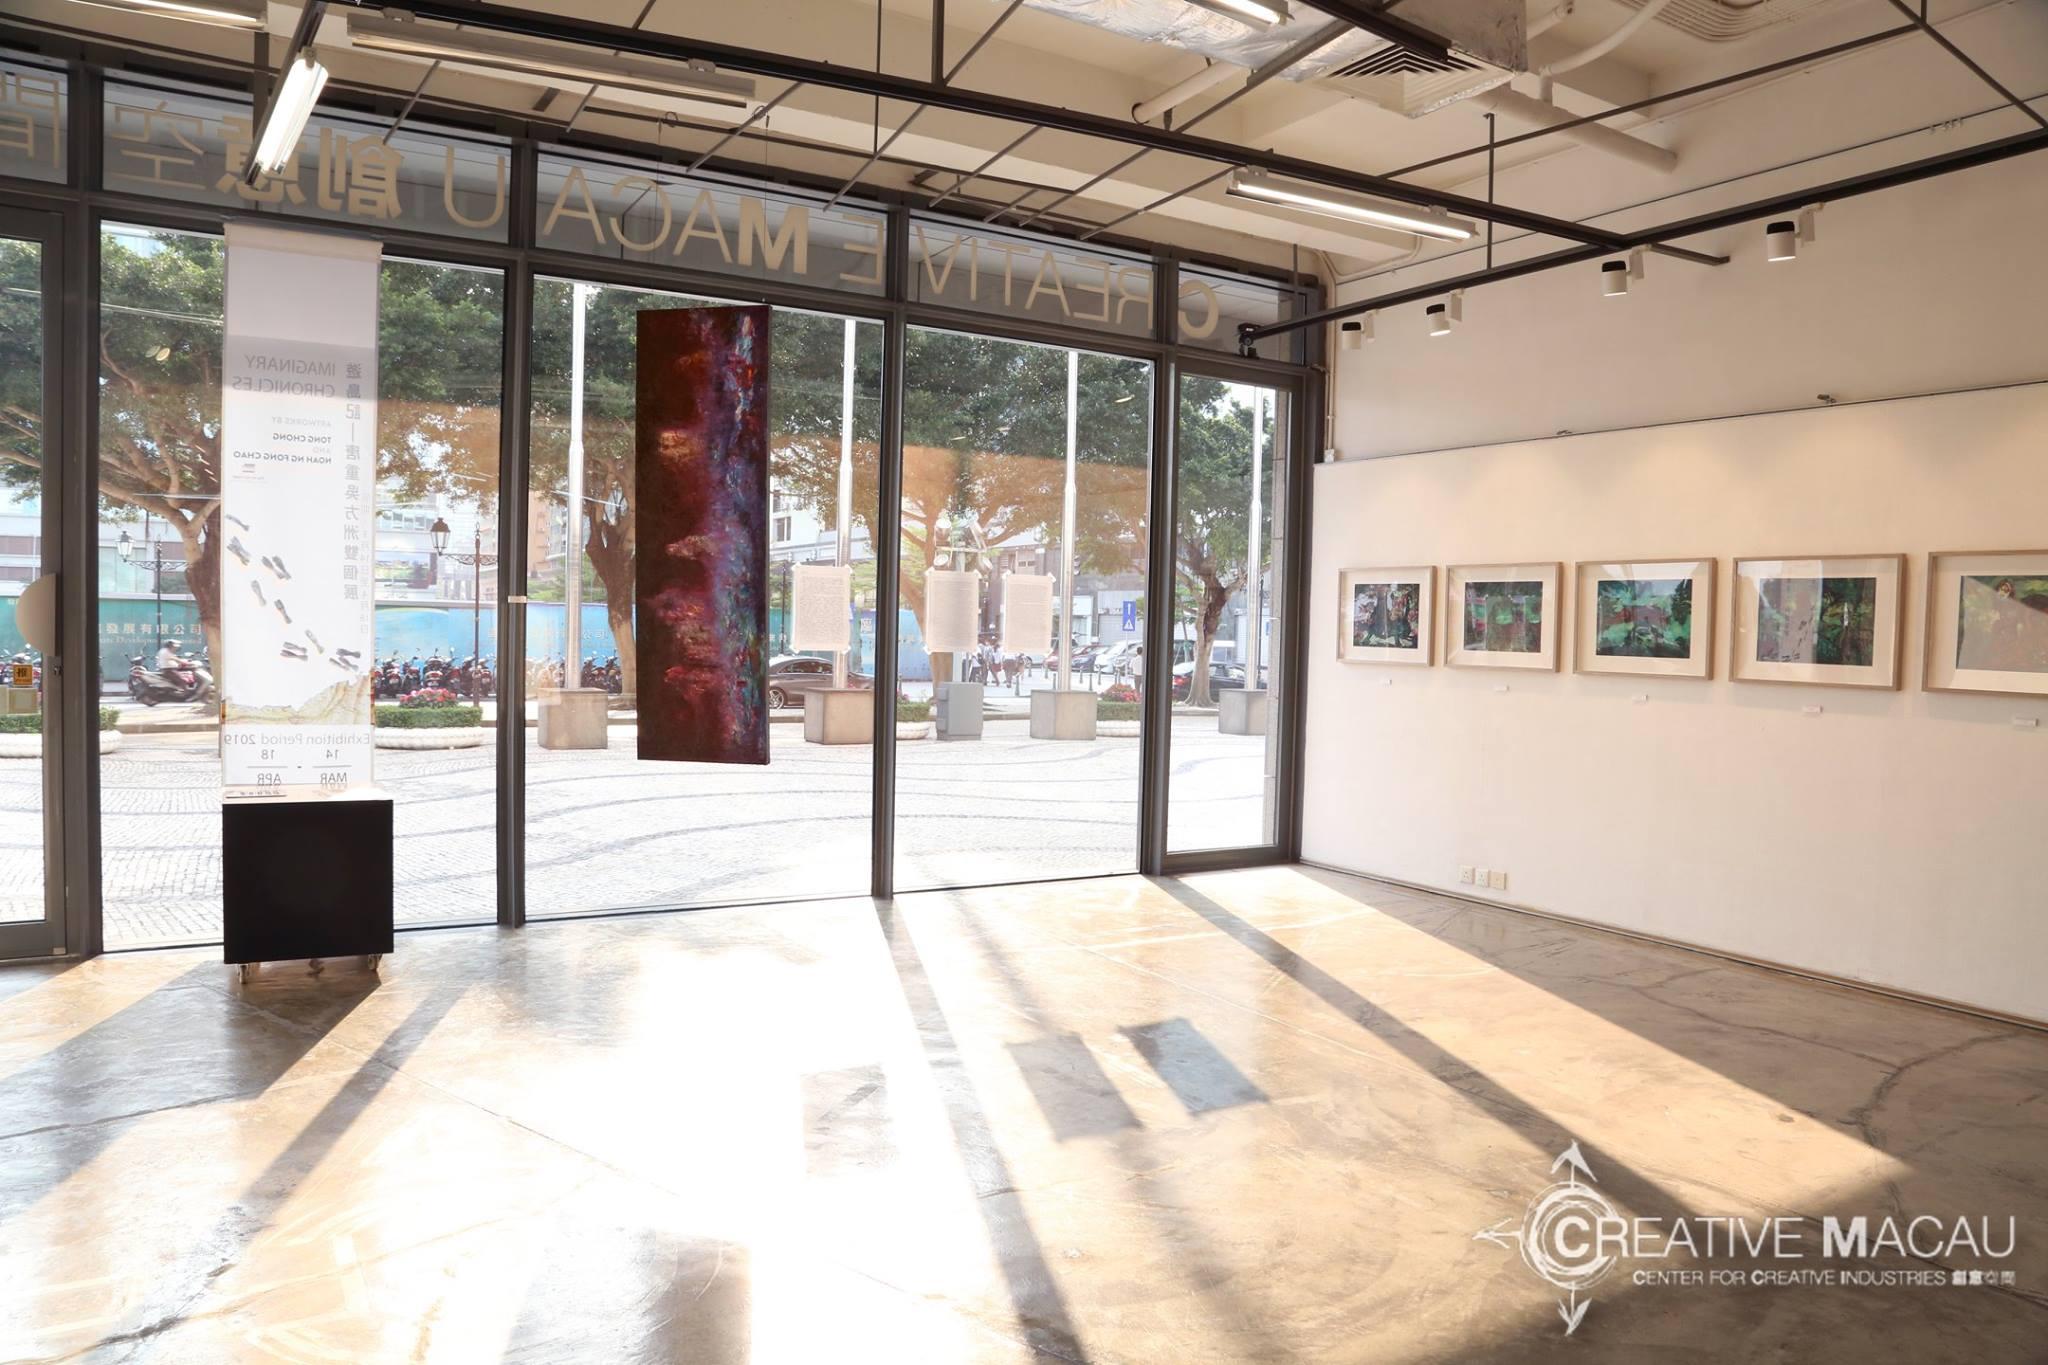 Creative Macau mostra Crónicas Imaginárias